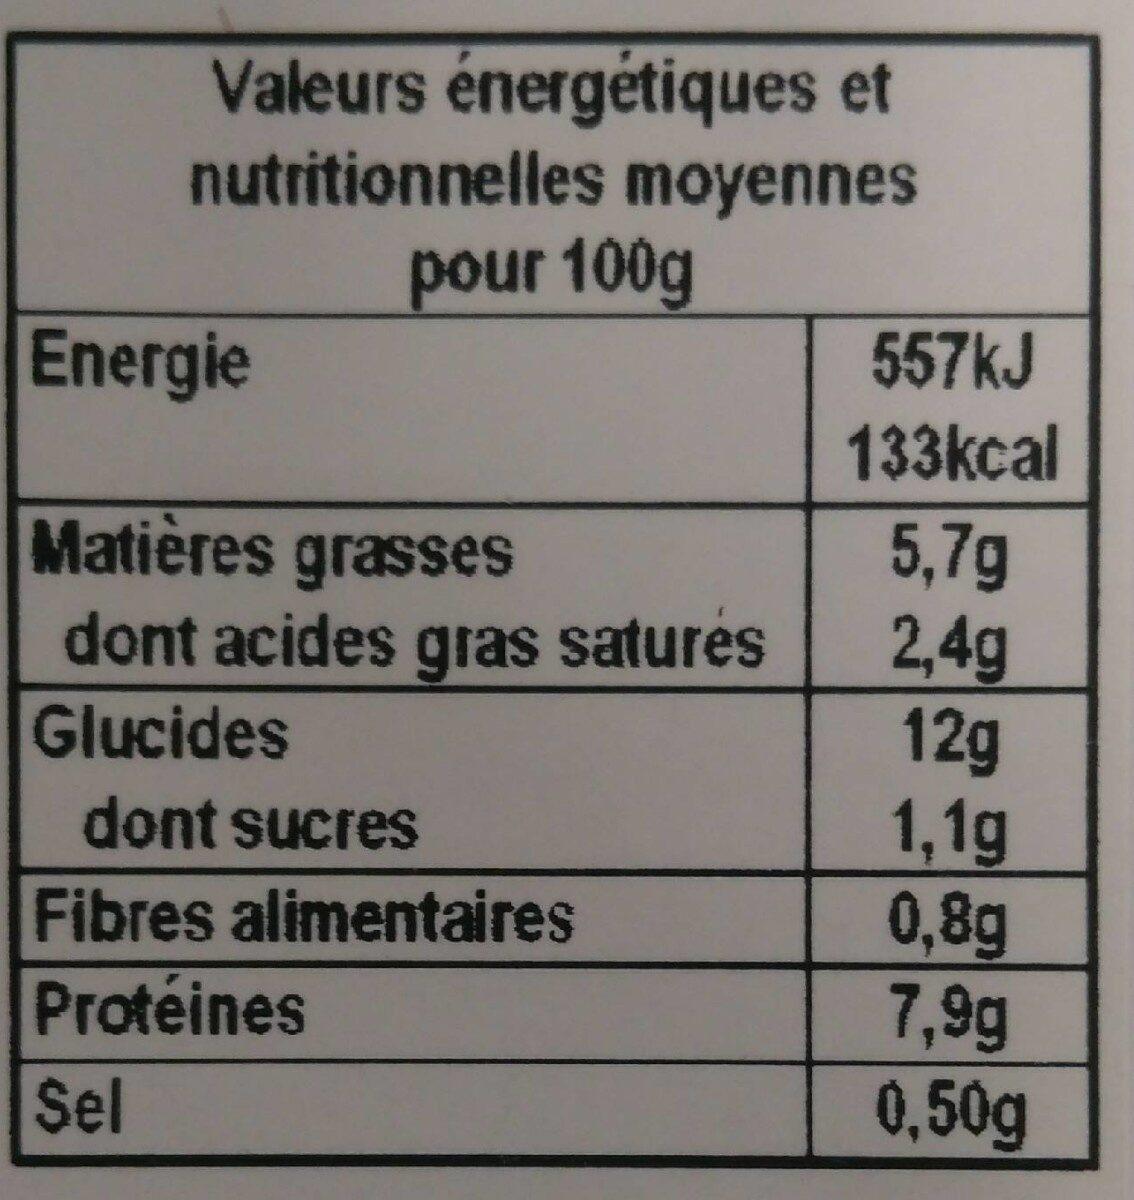 Epaule de lapin chasseur et tagliatelles - Nutrition facts